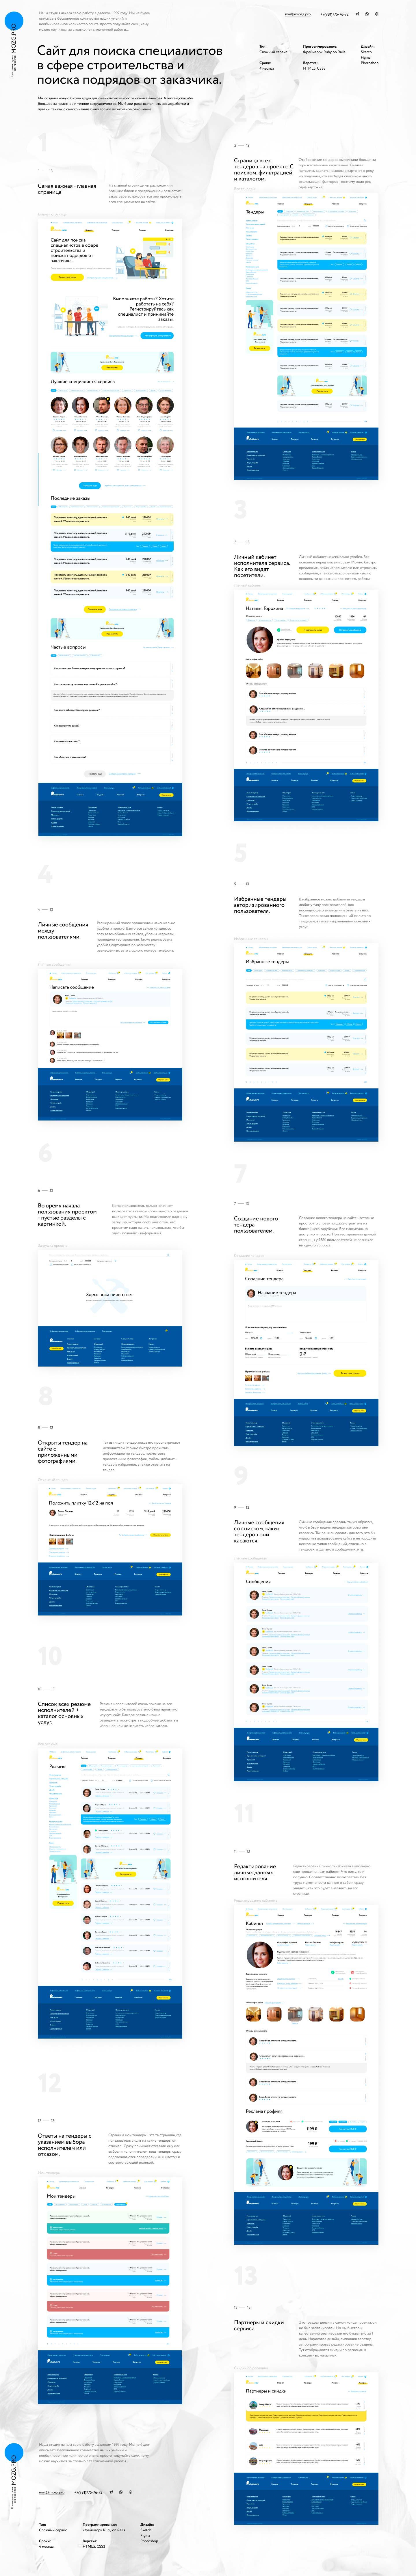 Дизайн для веб-сервиса поиска специалистов